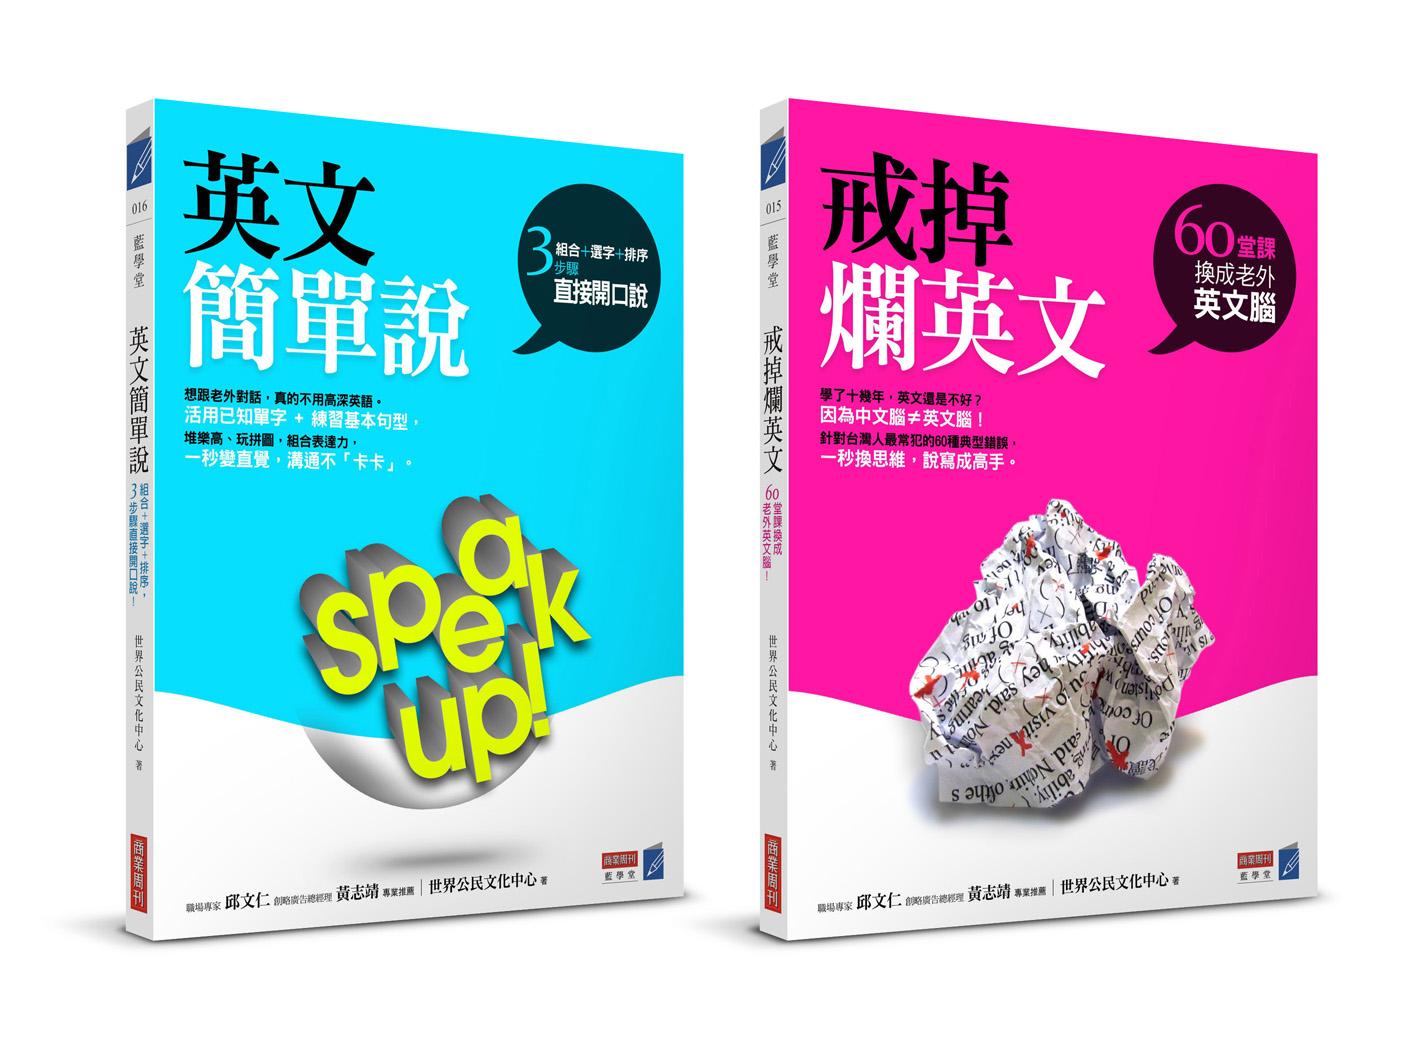 英文輕鬆學習必buy: 戒掉爛英文+英文簡單說超值組合